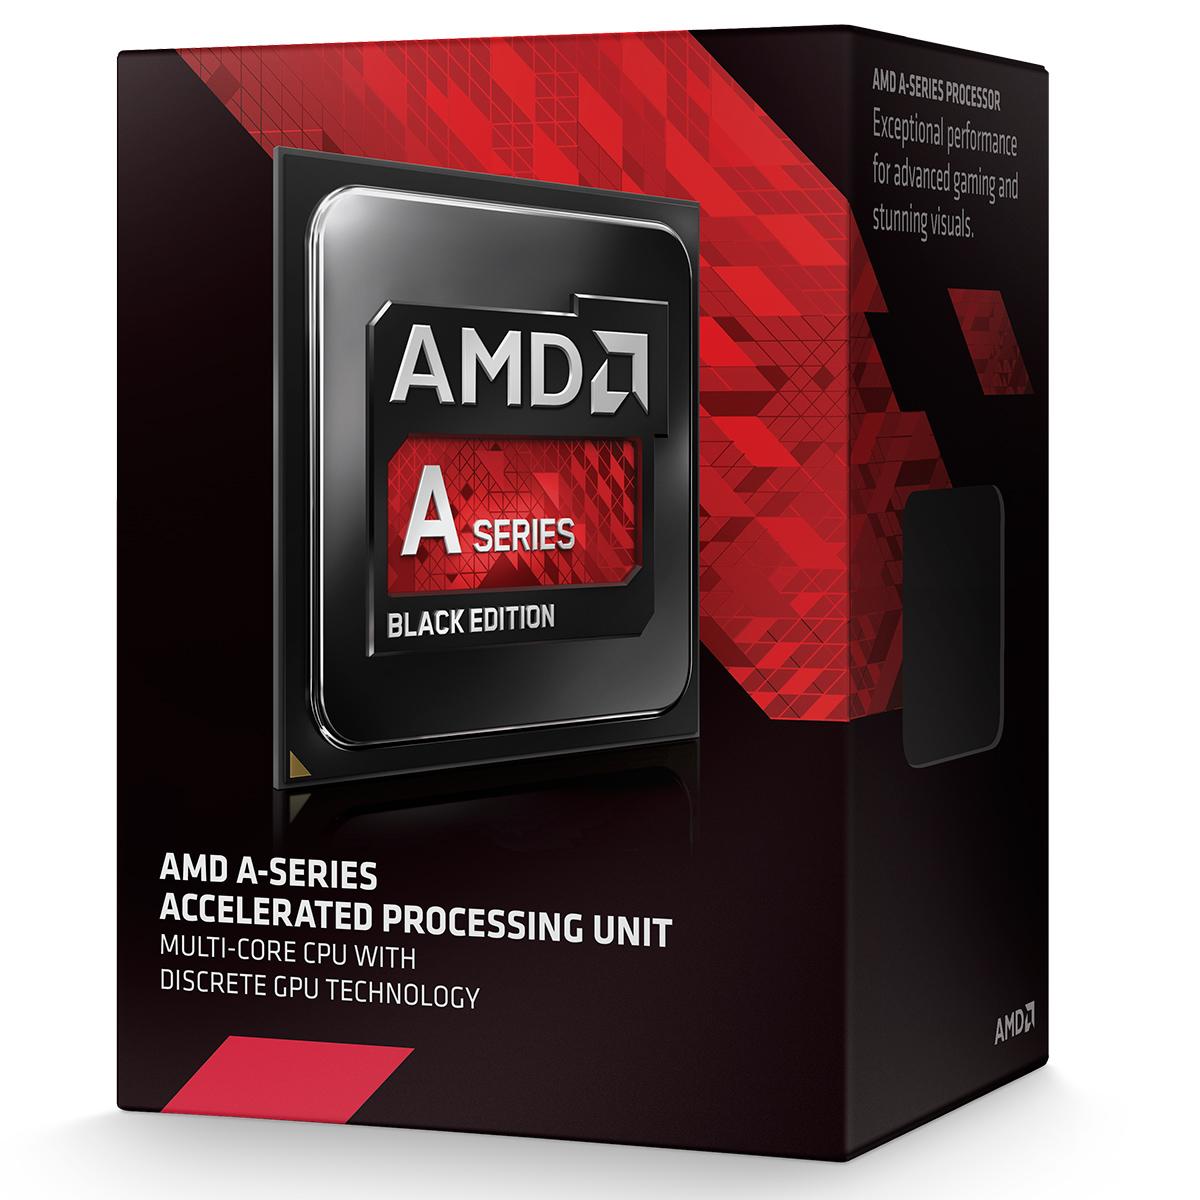 Processeur AMD A10-7850K (3.7 GHz) Black Edition Processeur Quad Core socket FM2+ Cache L2 4 Mo Radeon R7 0.028 micron (version boîte - garantie constructeur 3 ans)